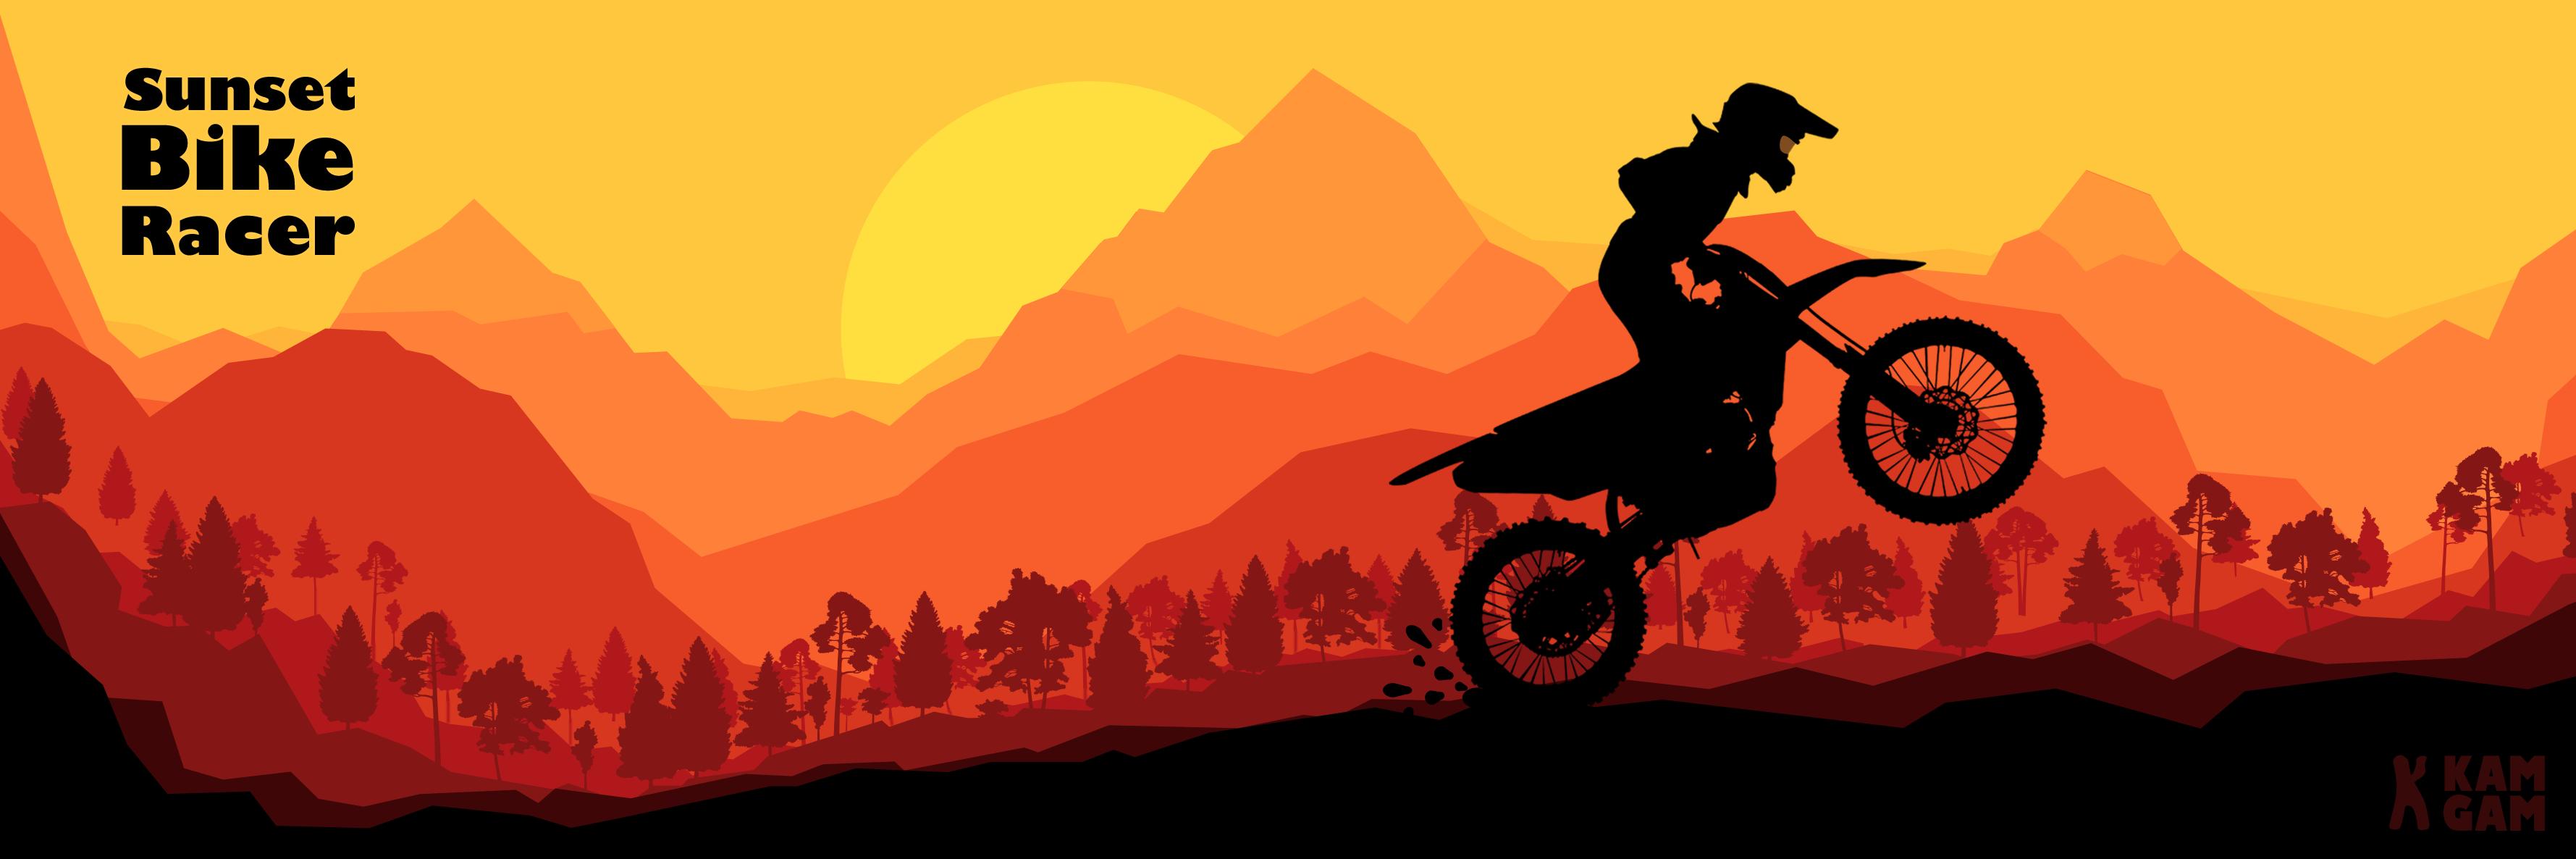 Sunset Bike Racer - 2D Motocross Racing